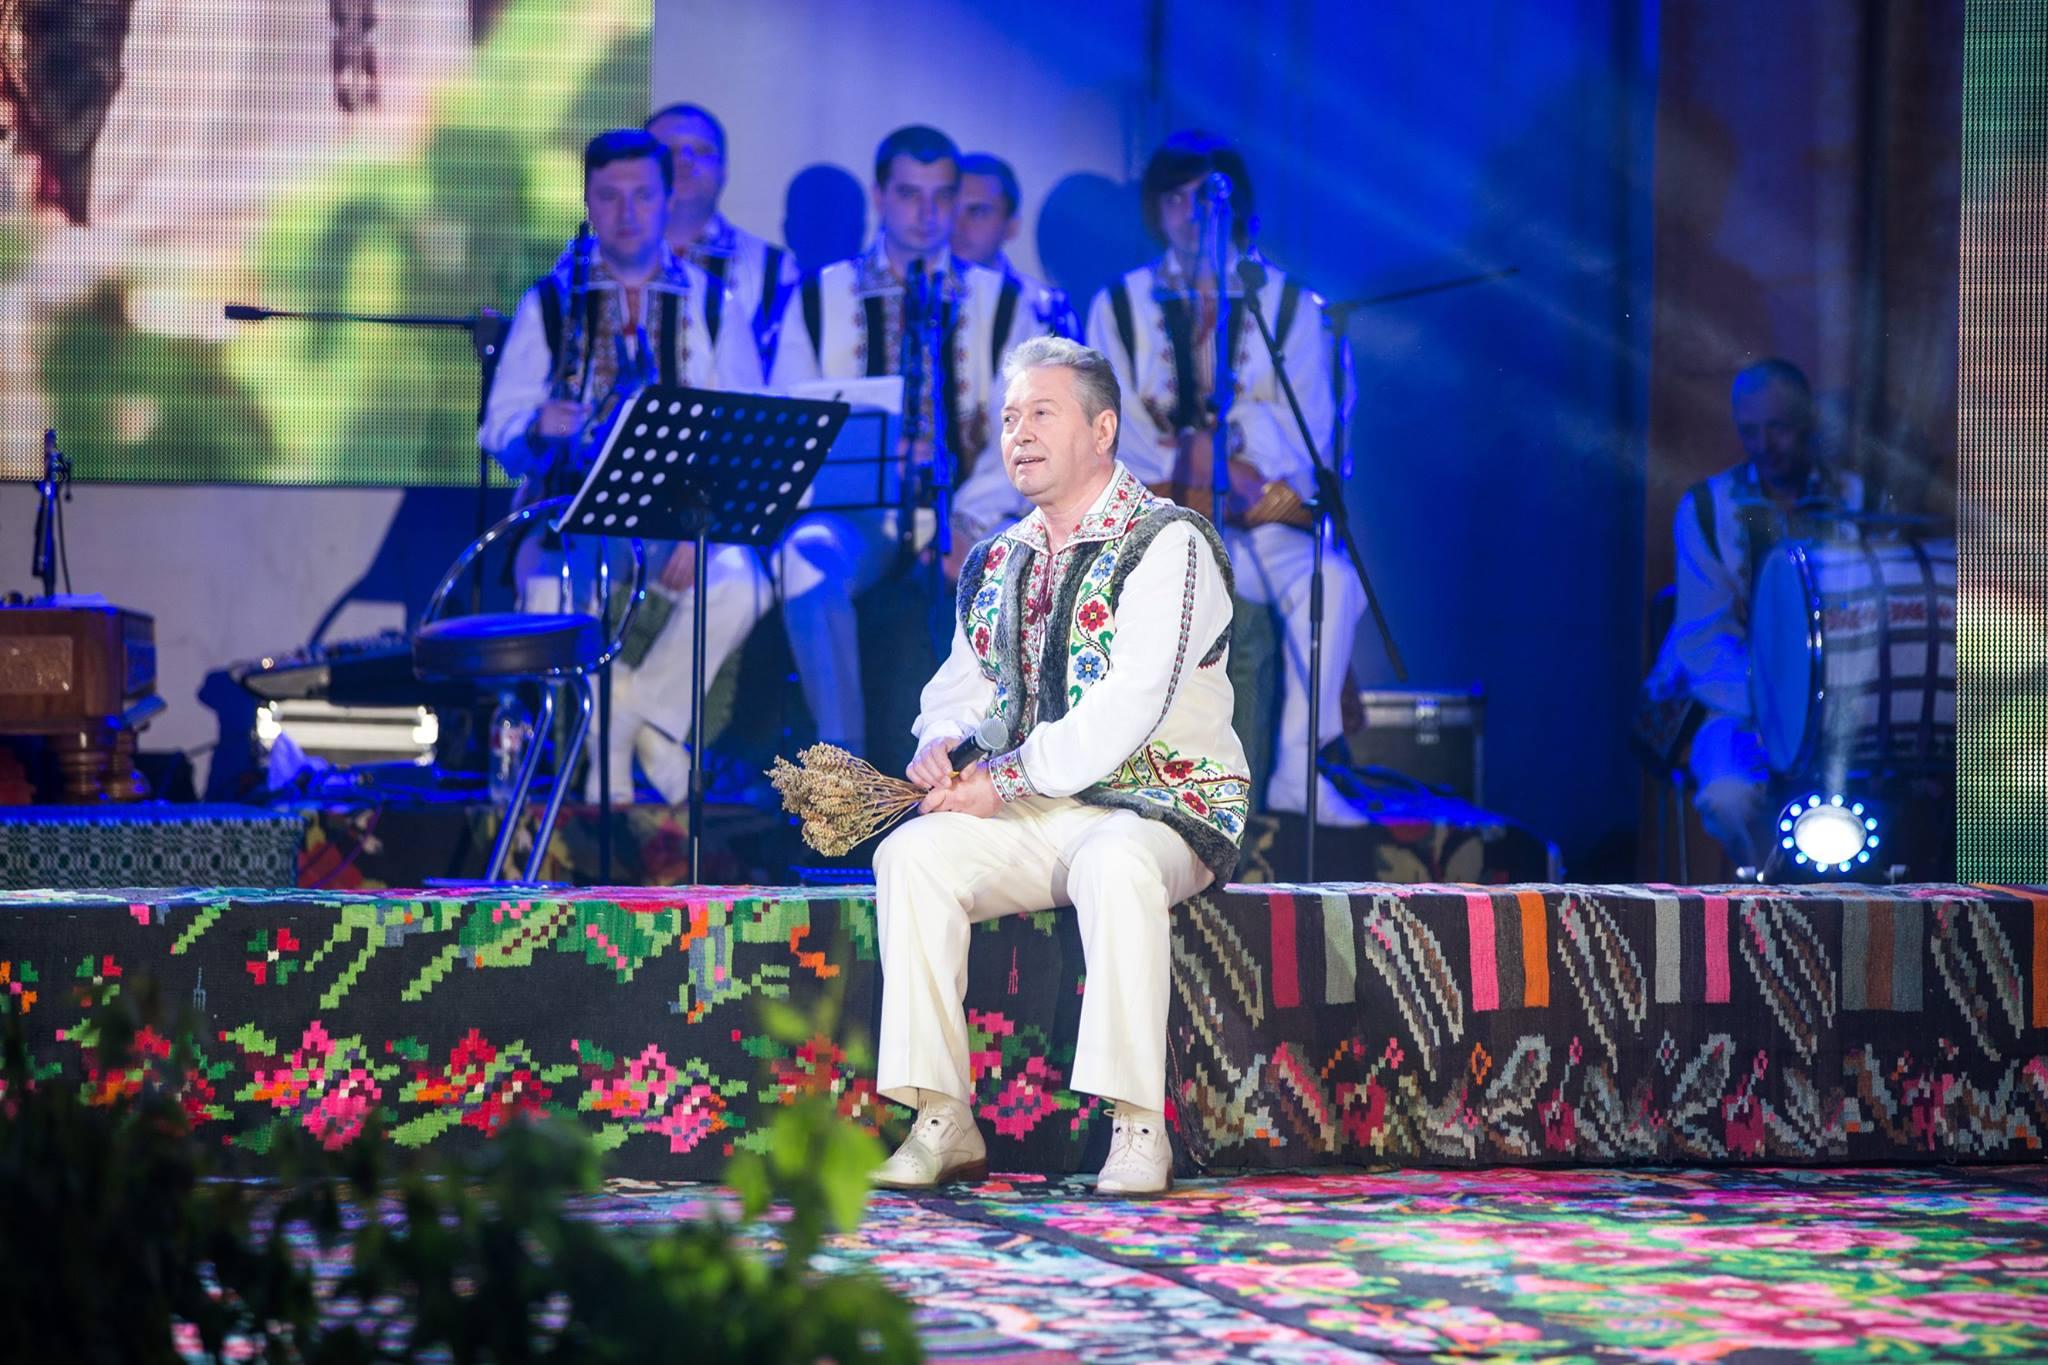 """Mihai Ciobanu delectează publicul printr-o carte tematică carierei în muzică -""""Cântecele de-acasă mă poartă prin lume"""""""